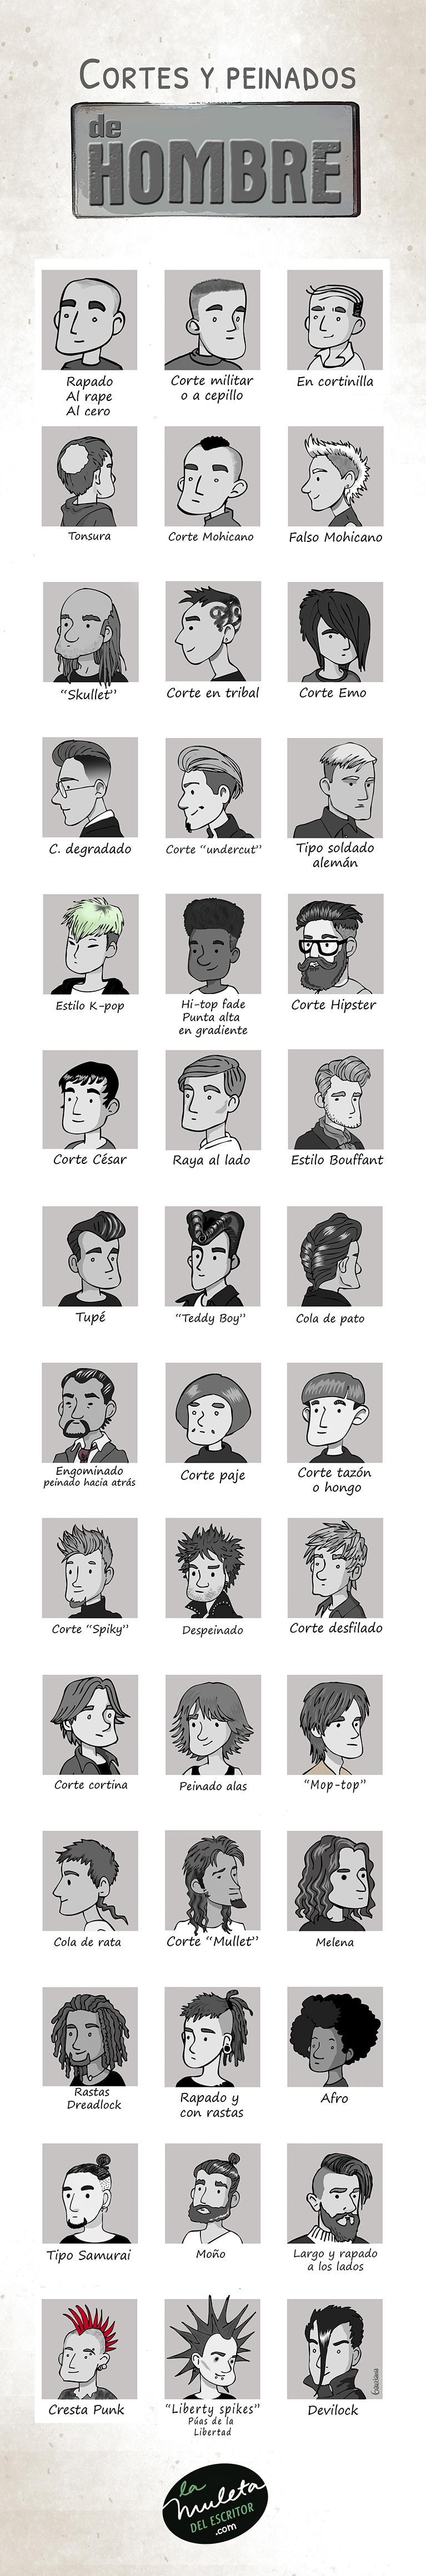 cortes y peinados de hombre